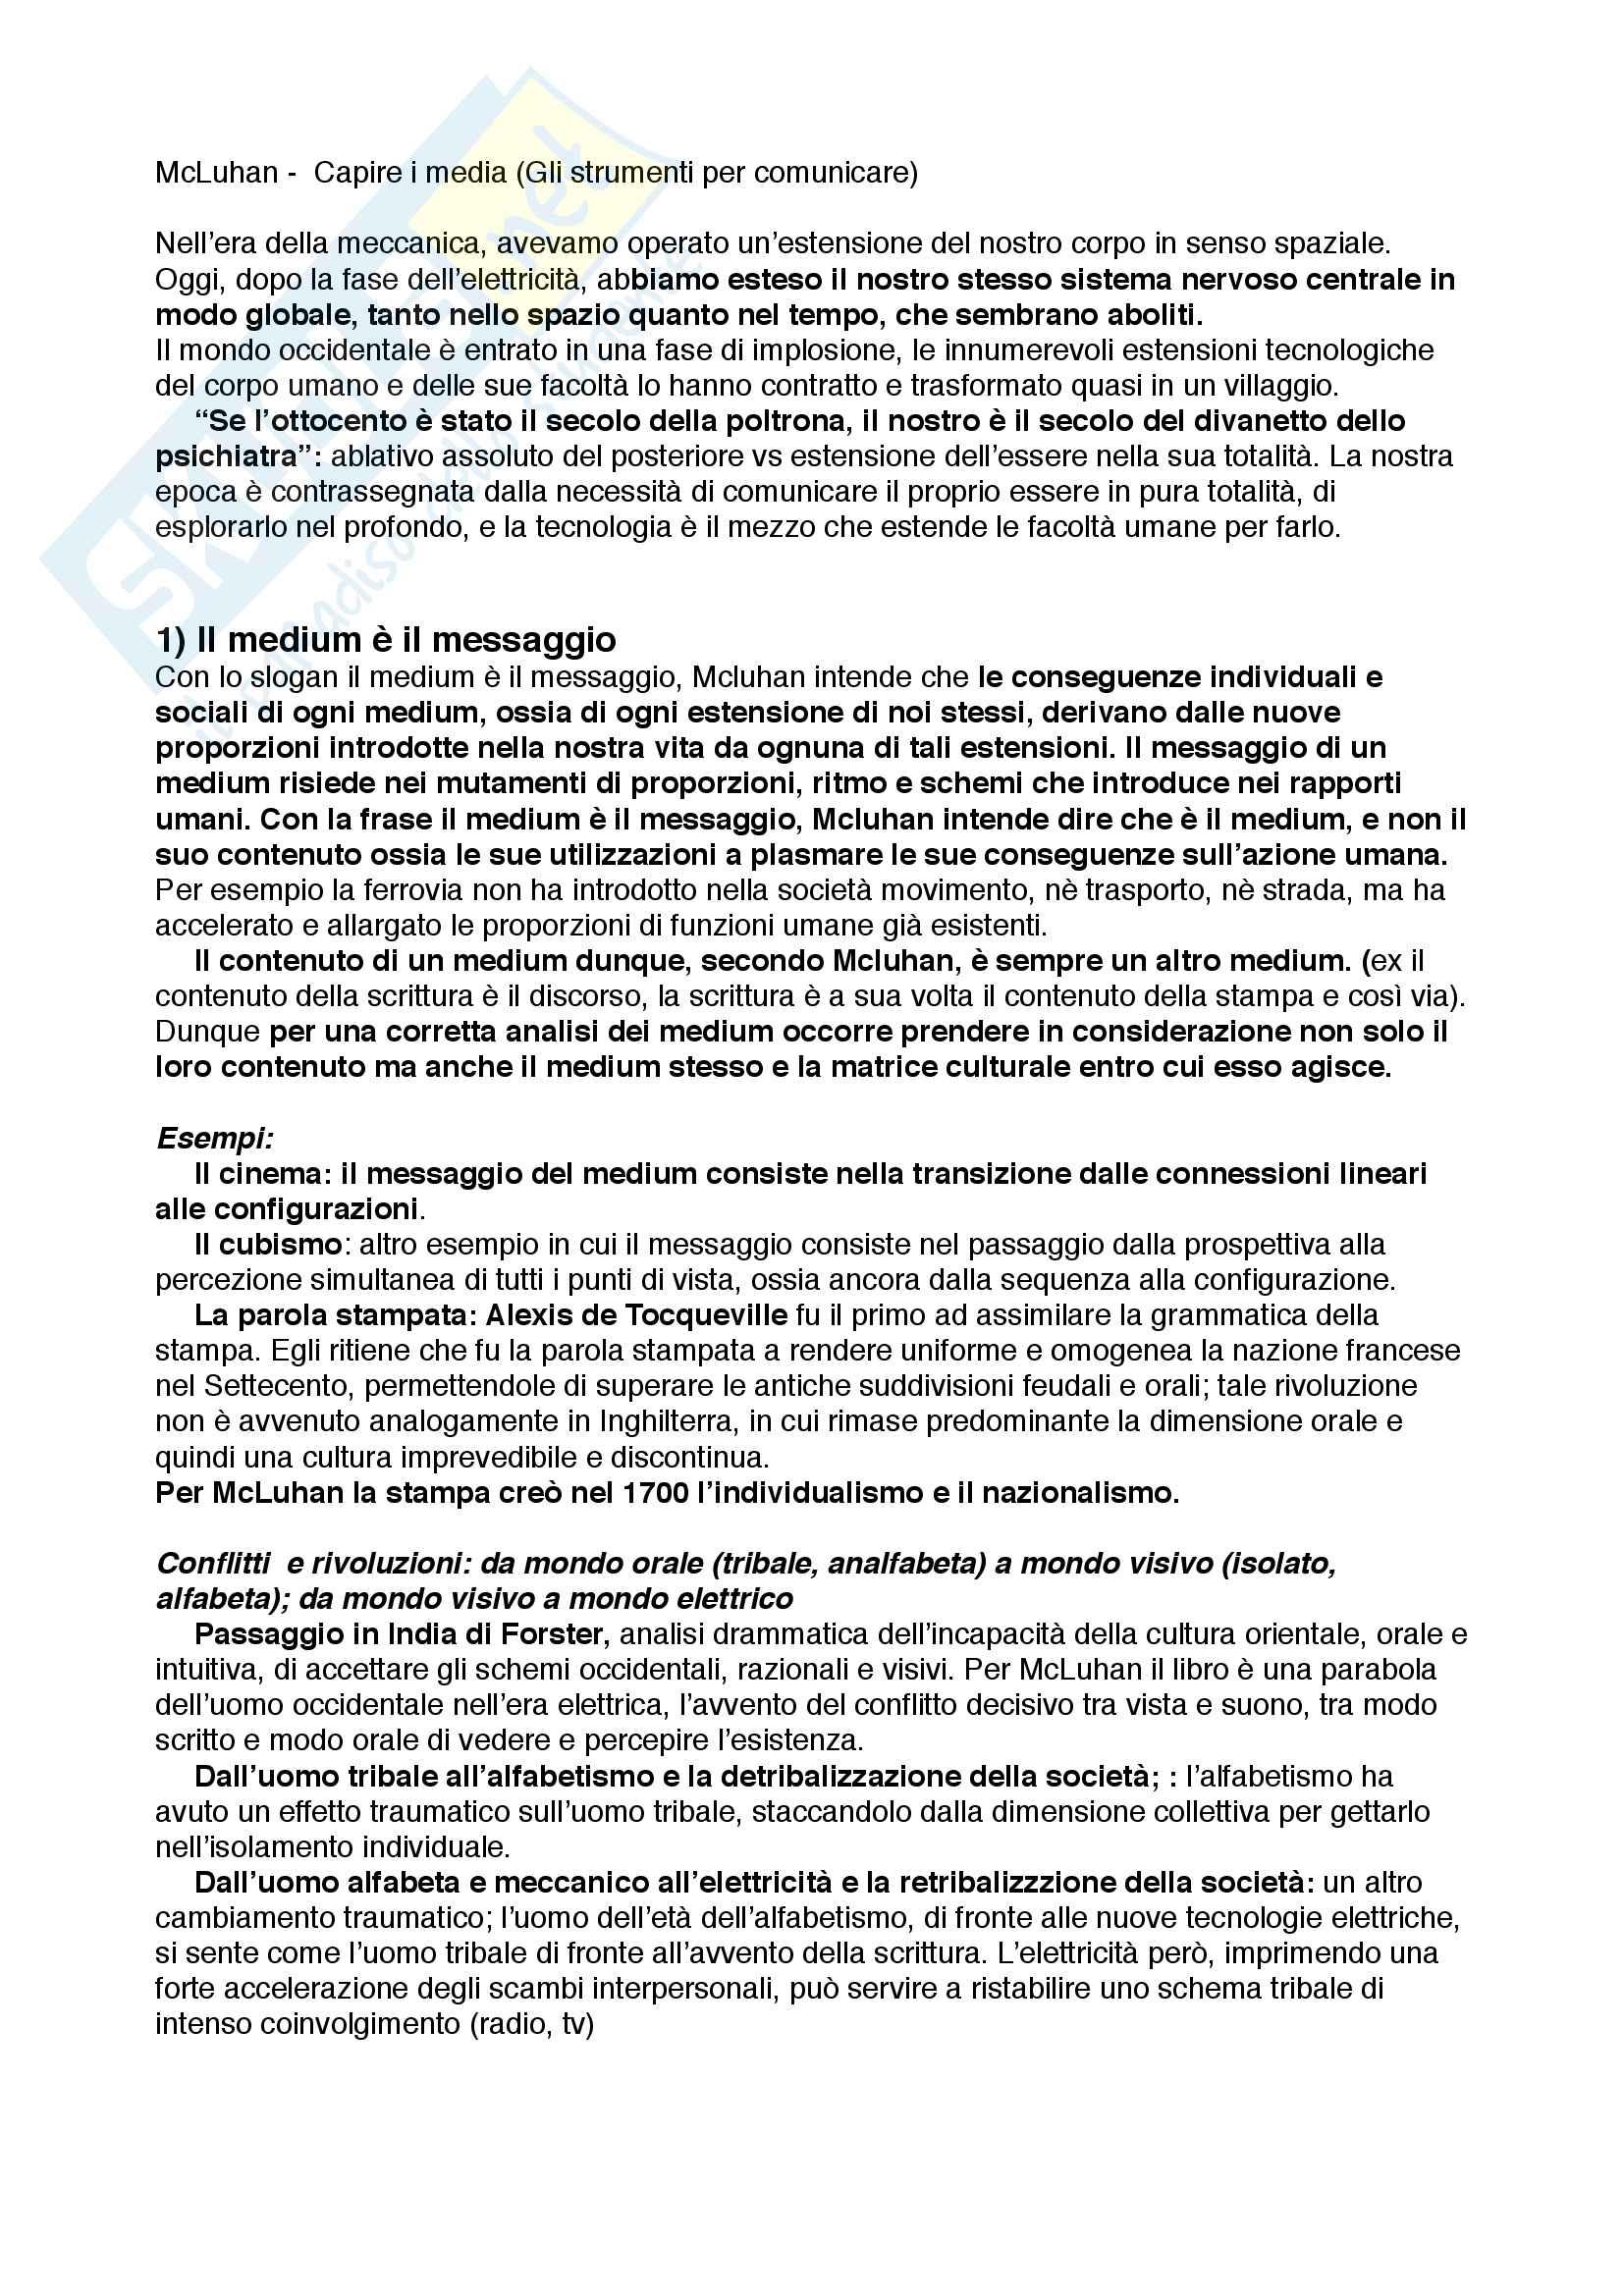 Sunto di fenomenologia degli stili, prof. Gian Luca Tusini, libro consigliato Gli strumenti del comunicare - Understanding Media, Marshall McLuhan